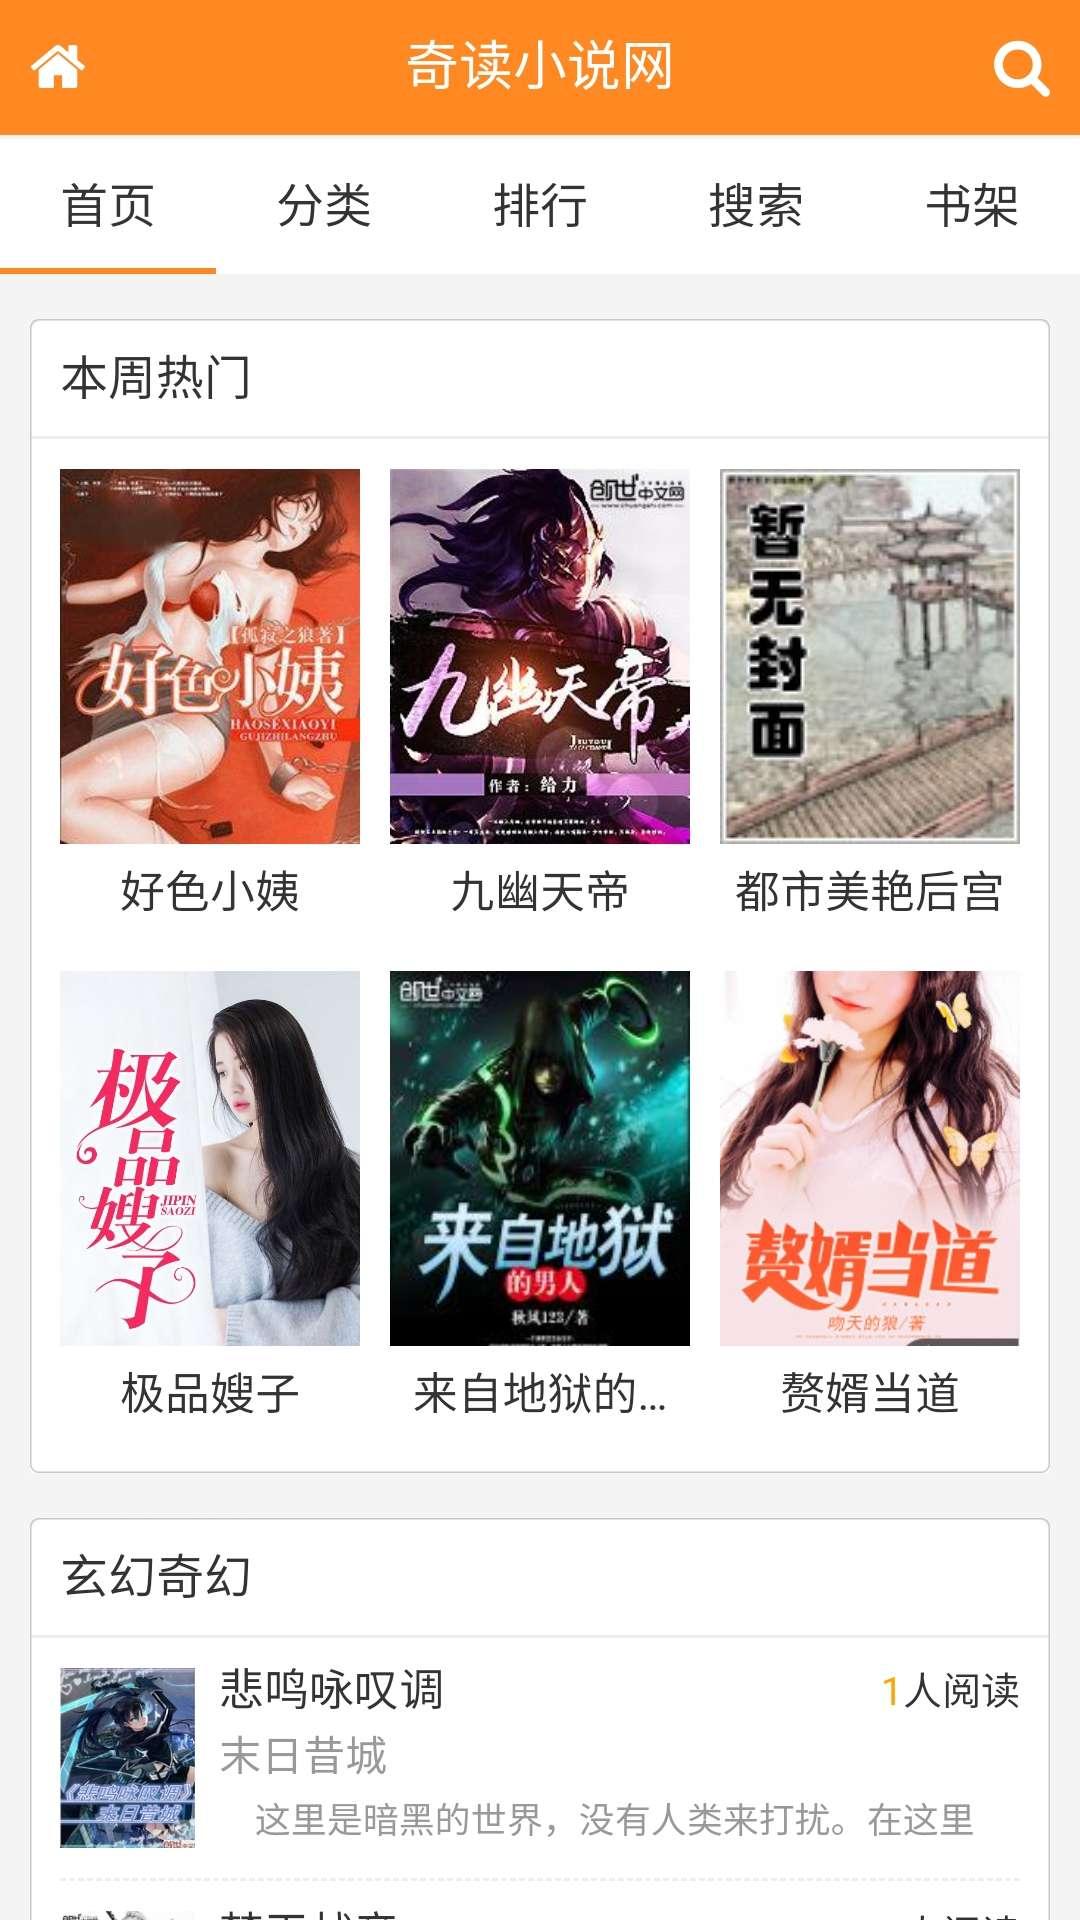 【分享】奇读小说(1.0.2)聚合全网VIP小说免费看